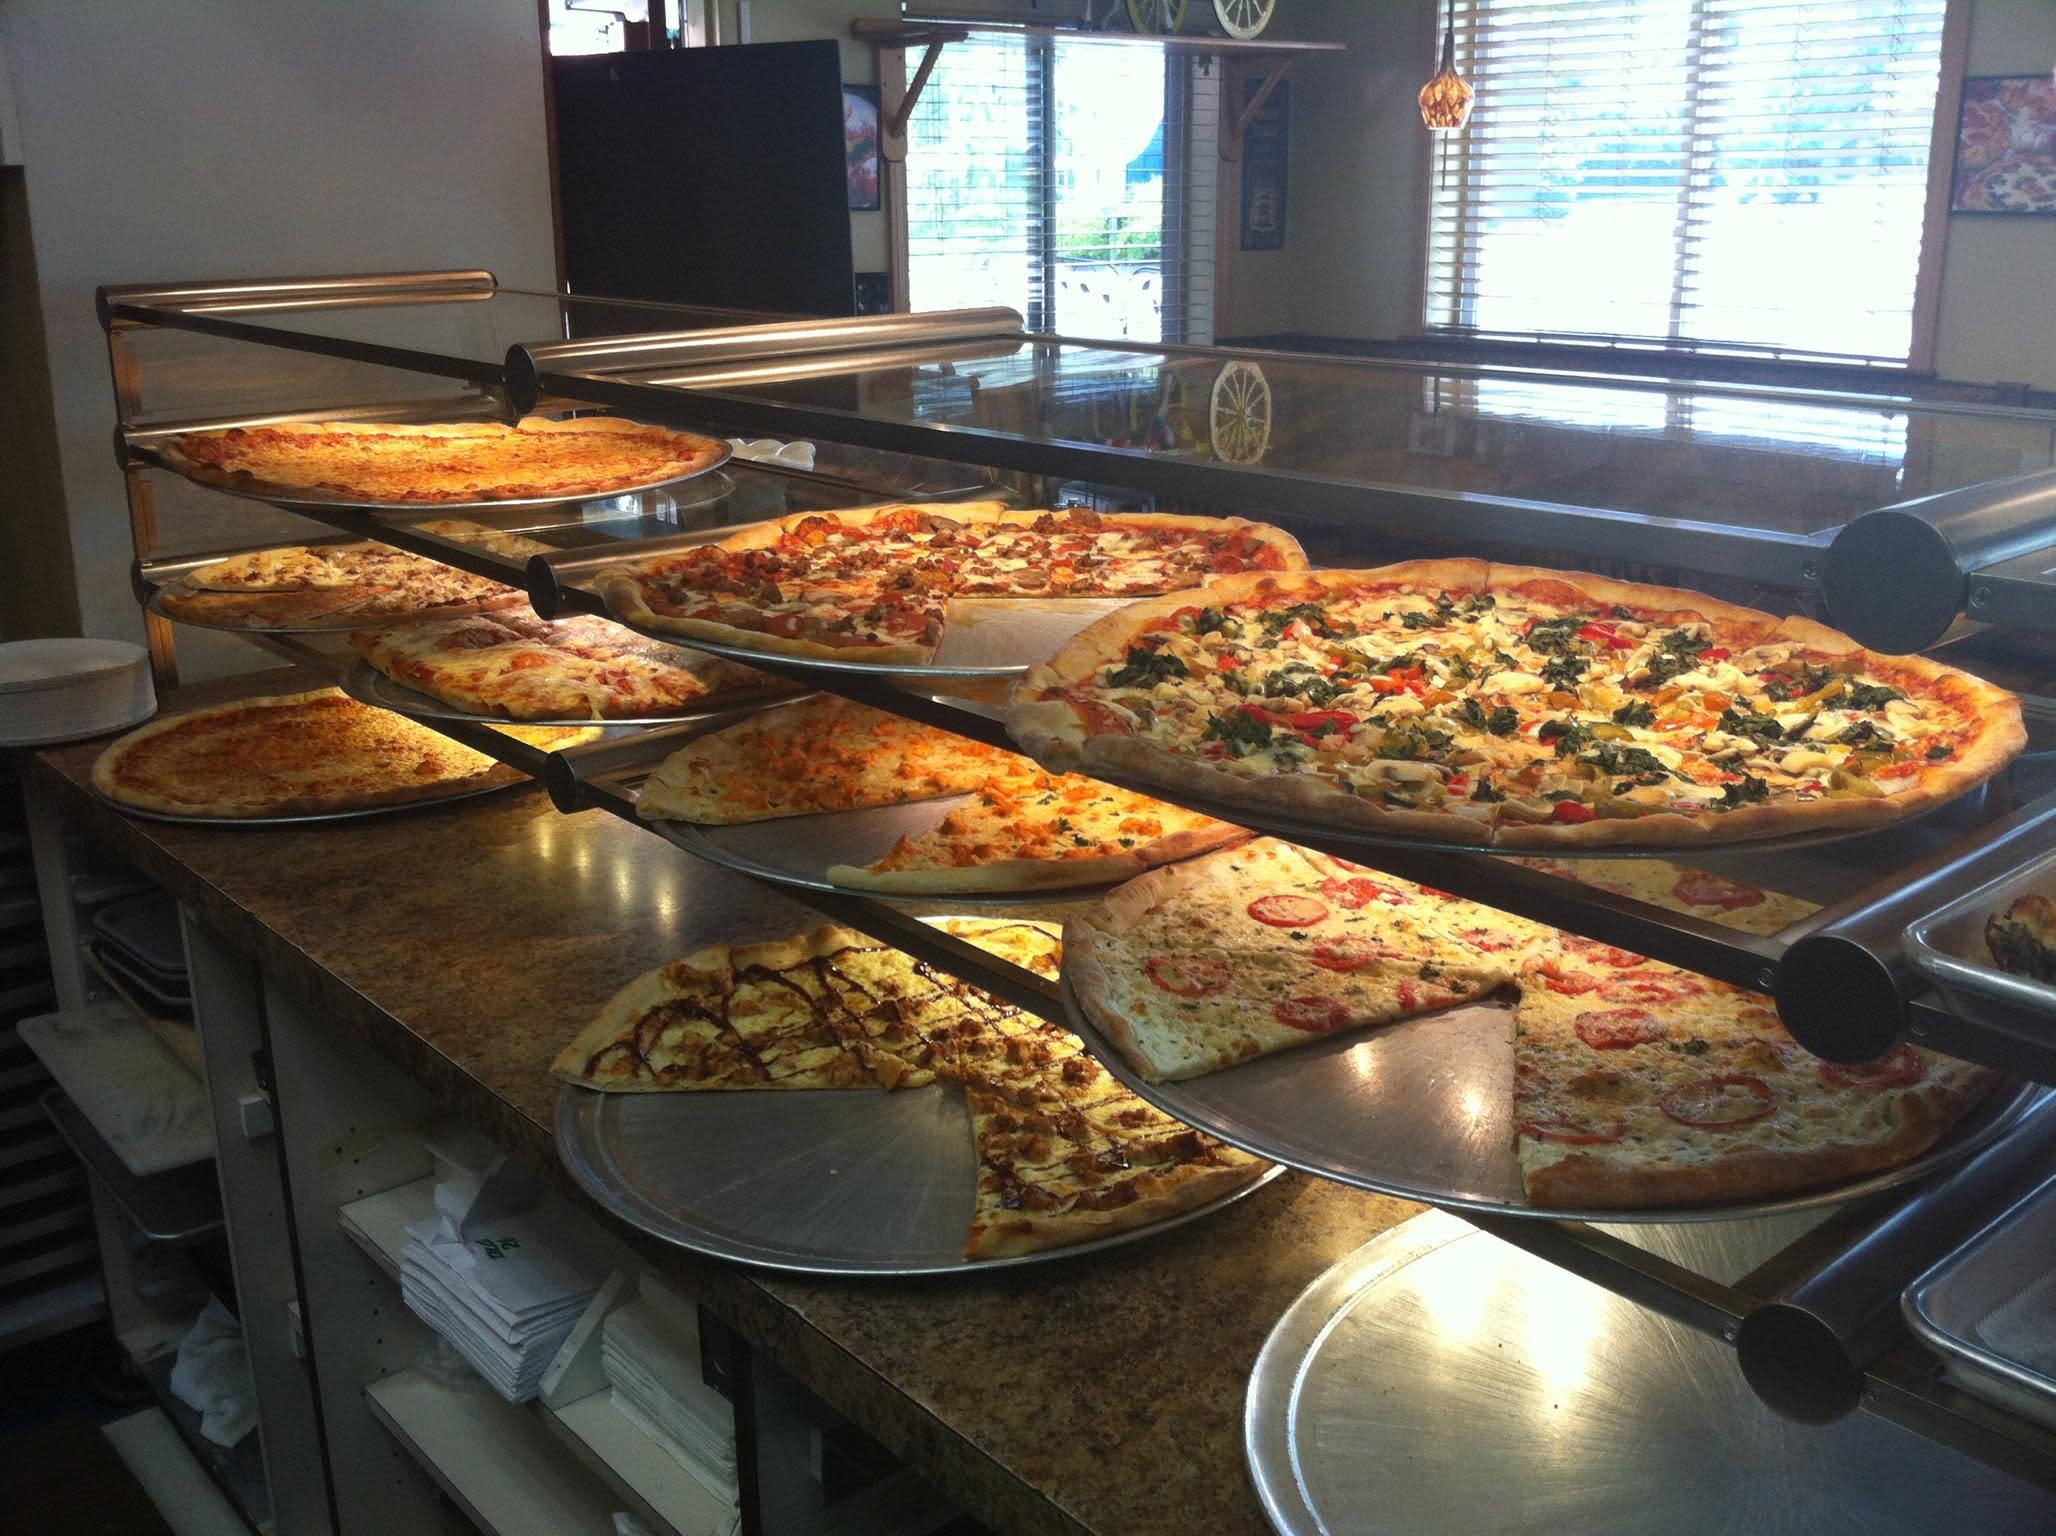 Photo at Seacoast Pizza & Pasta